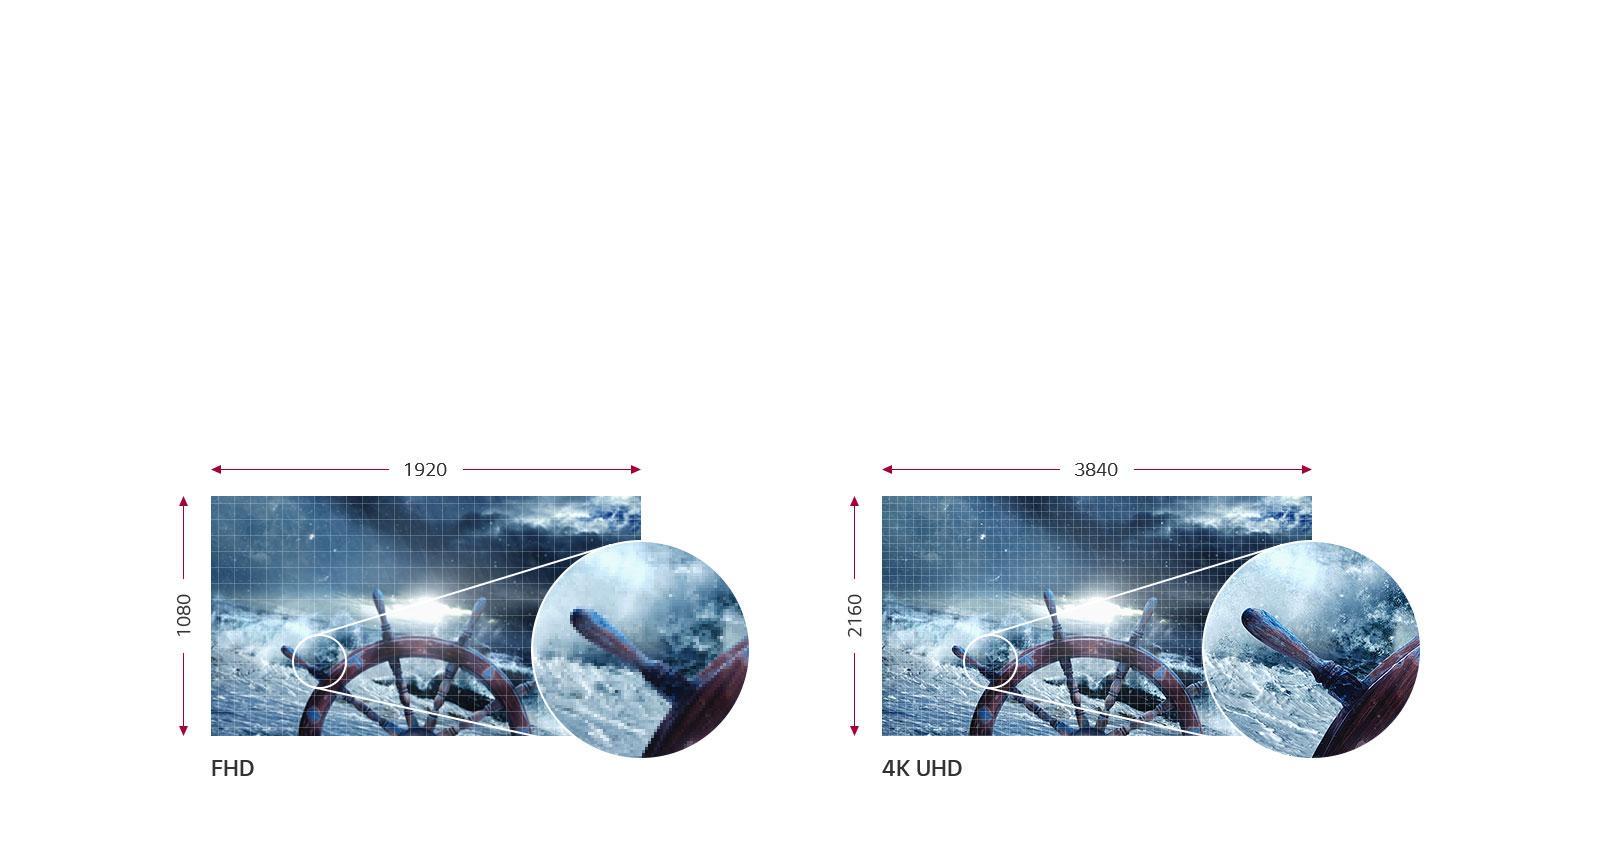 F1_HU80KA_2018_Feature_03_Megapixels_D